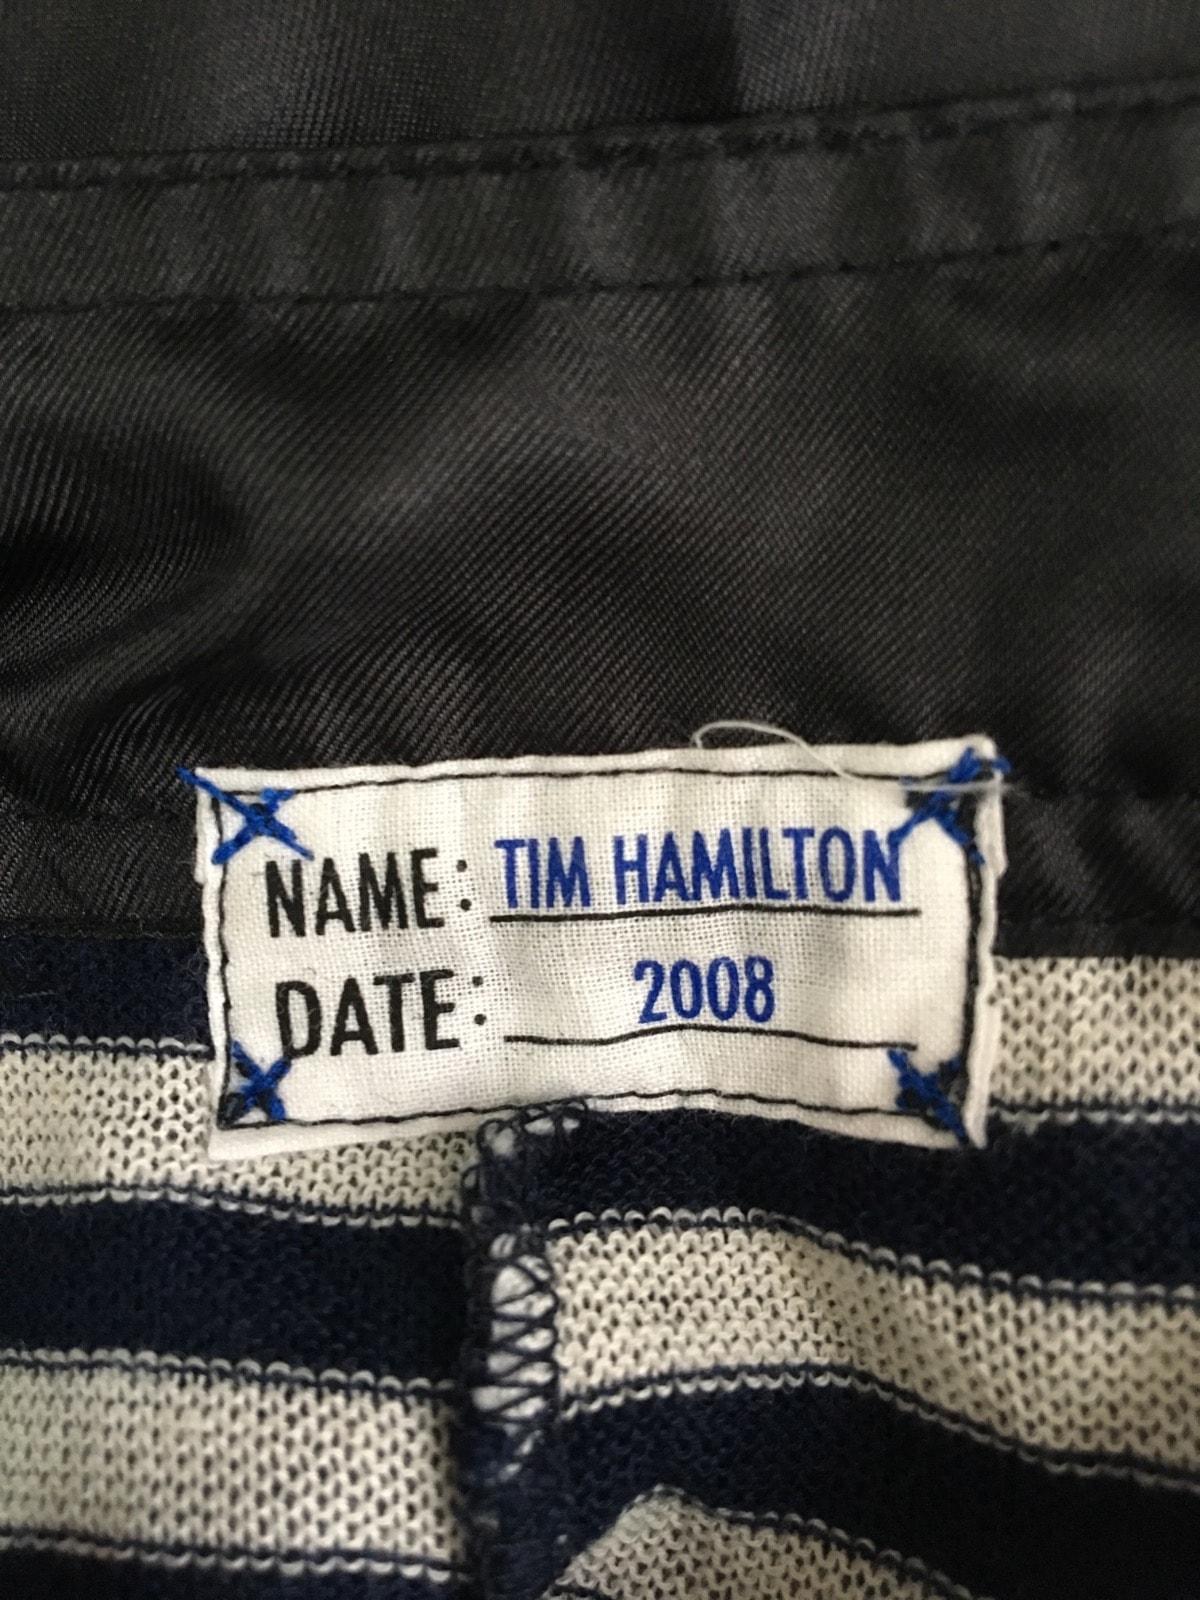 Tim Hamilton(ティムハミルトン)のパンツ